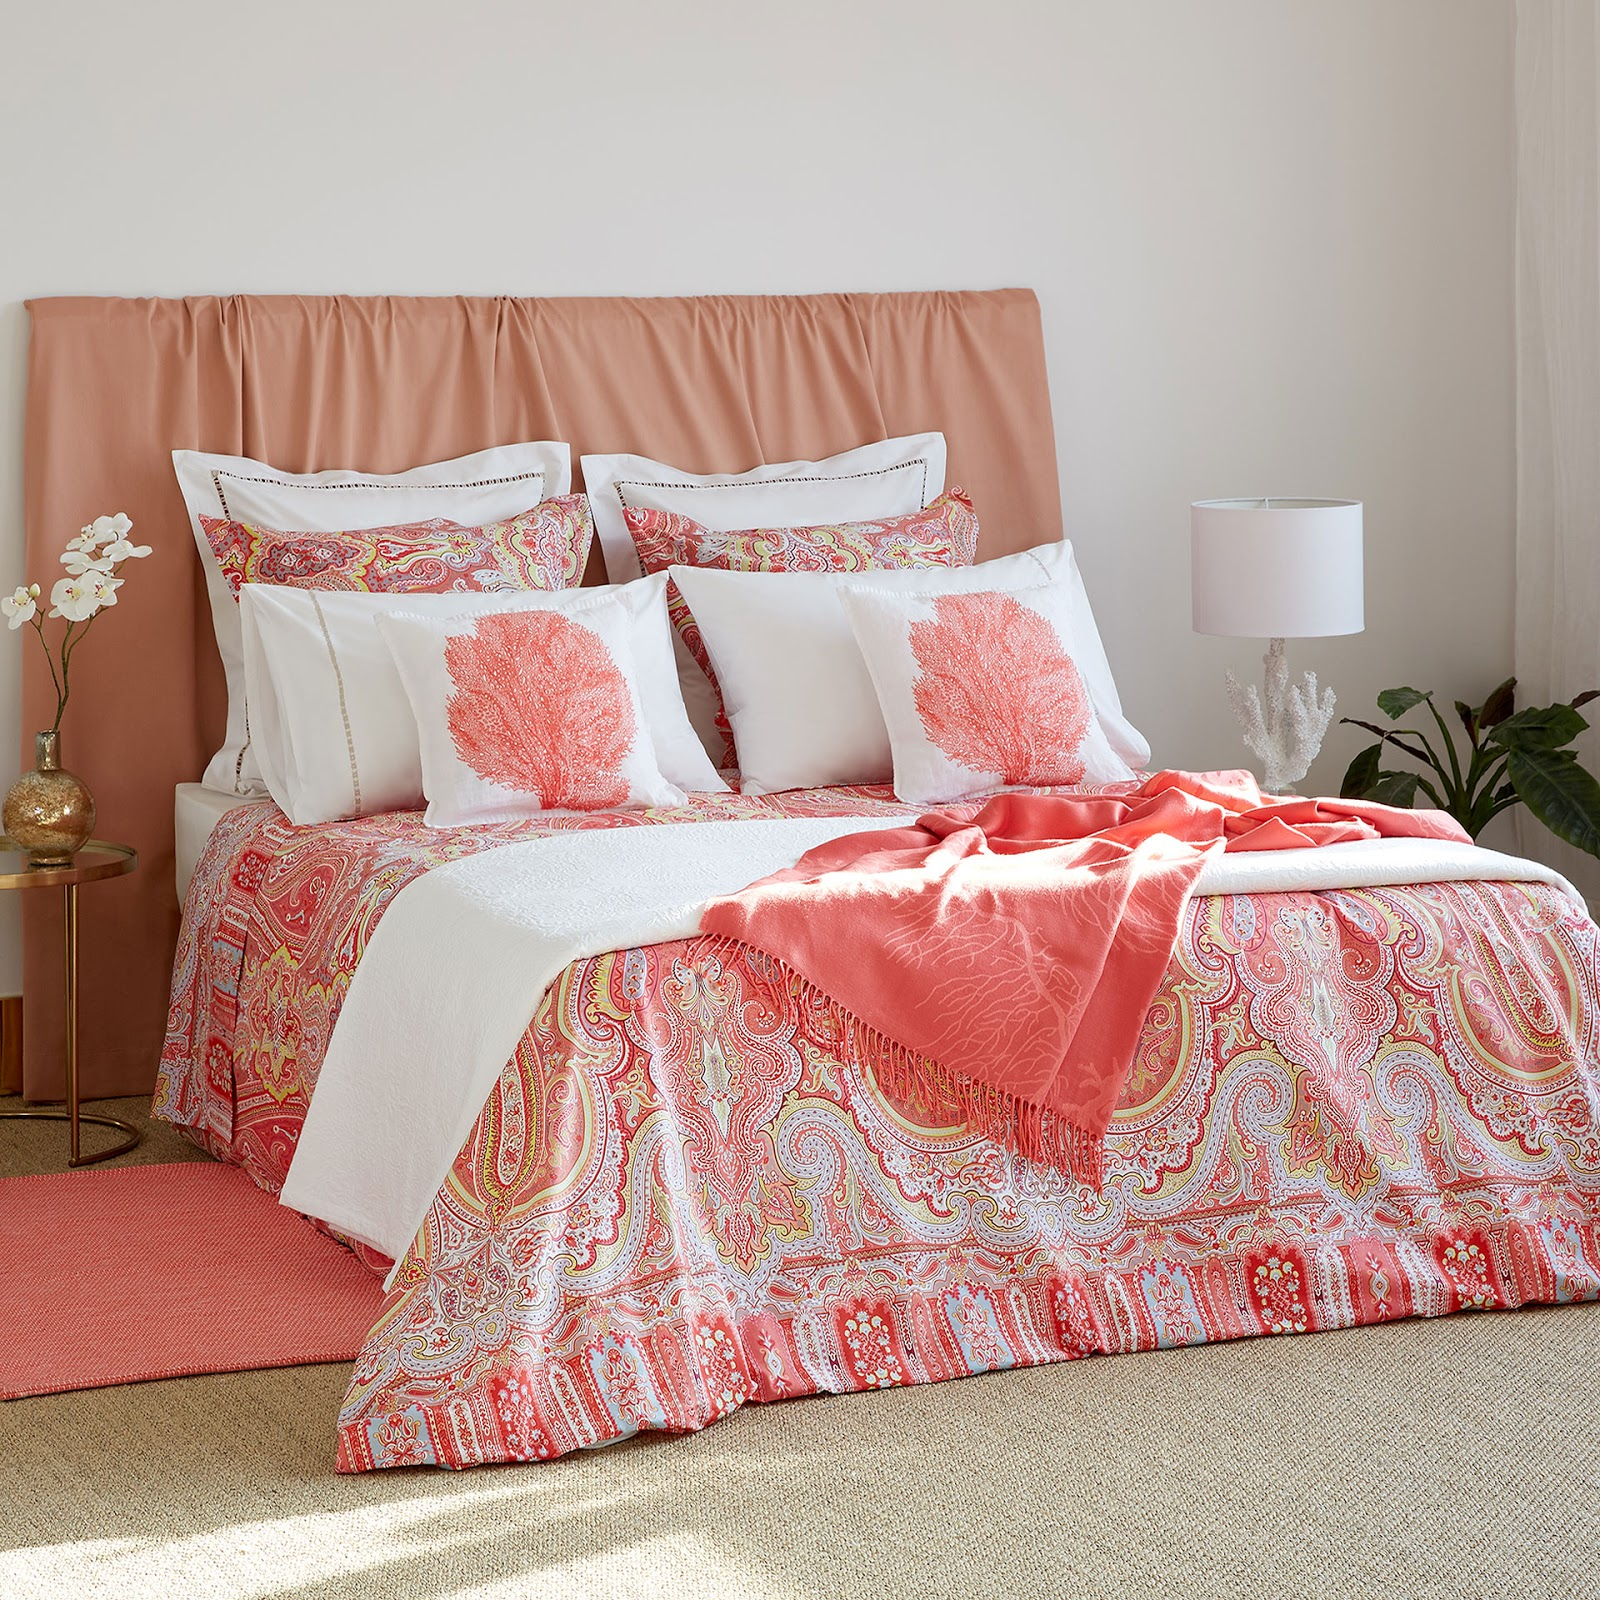 Zara Home y su maravillosa colección de sábanas - Muero de amor por ...